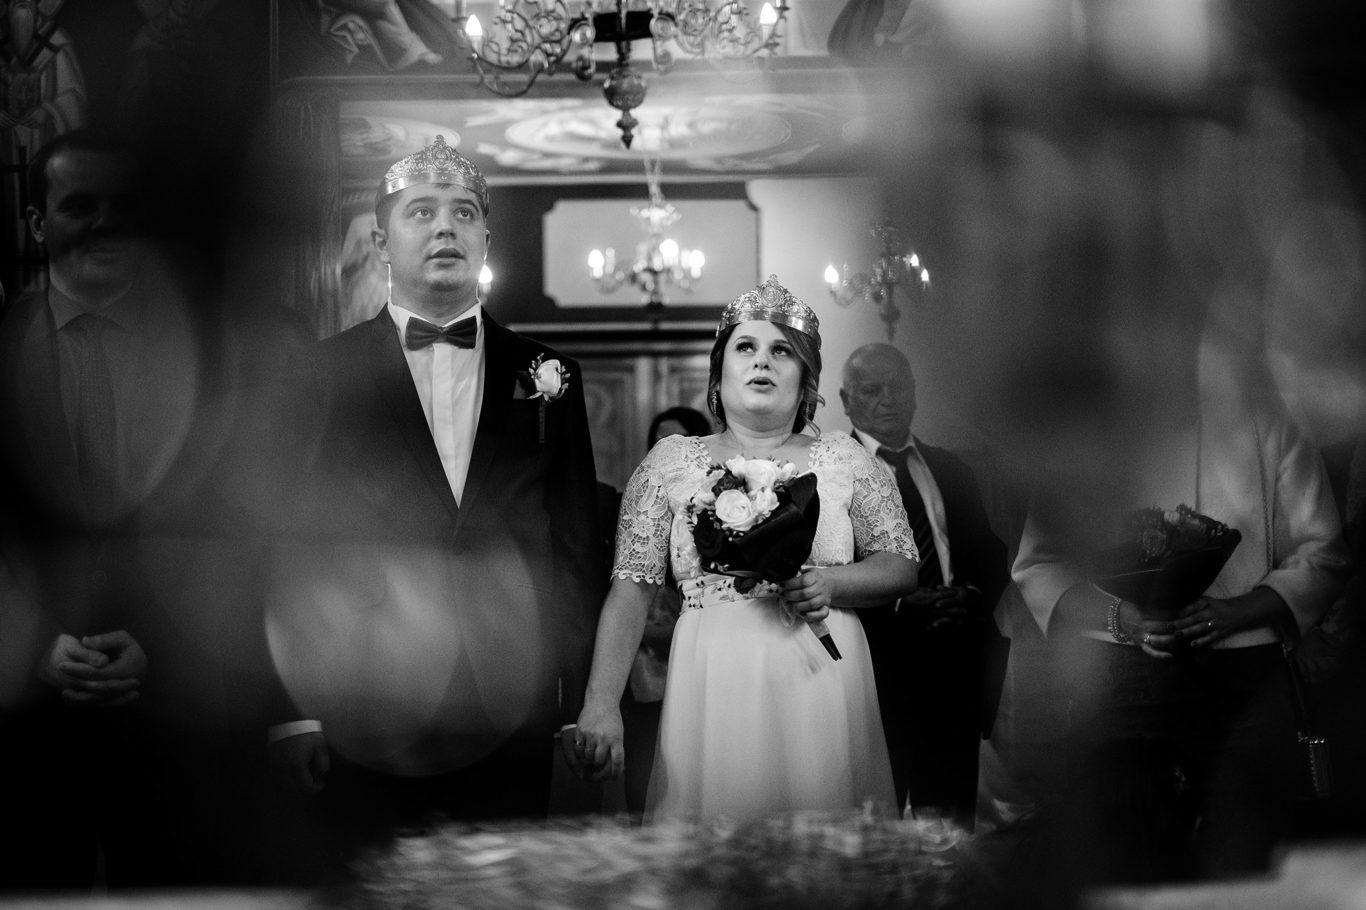 0148-Fotografie-nunta-Flory-Cristi-fotograf-Ciprian-Dumitrescu-DSCF7852